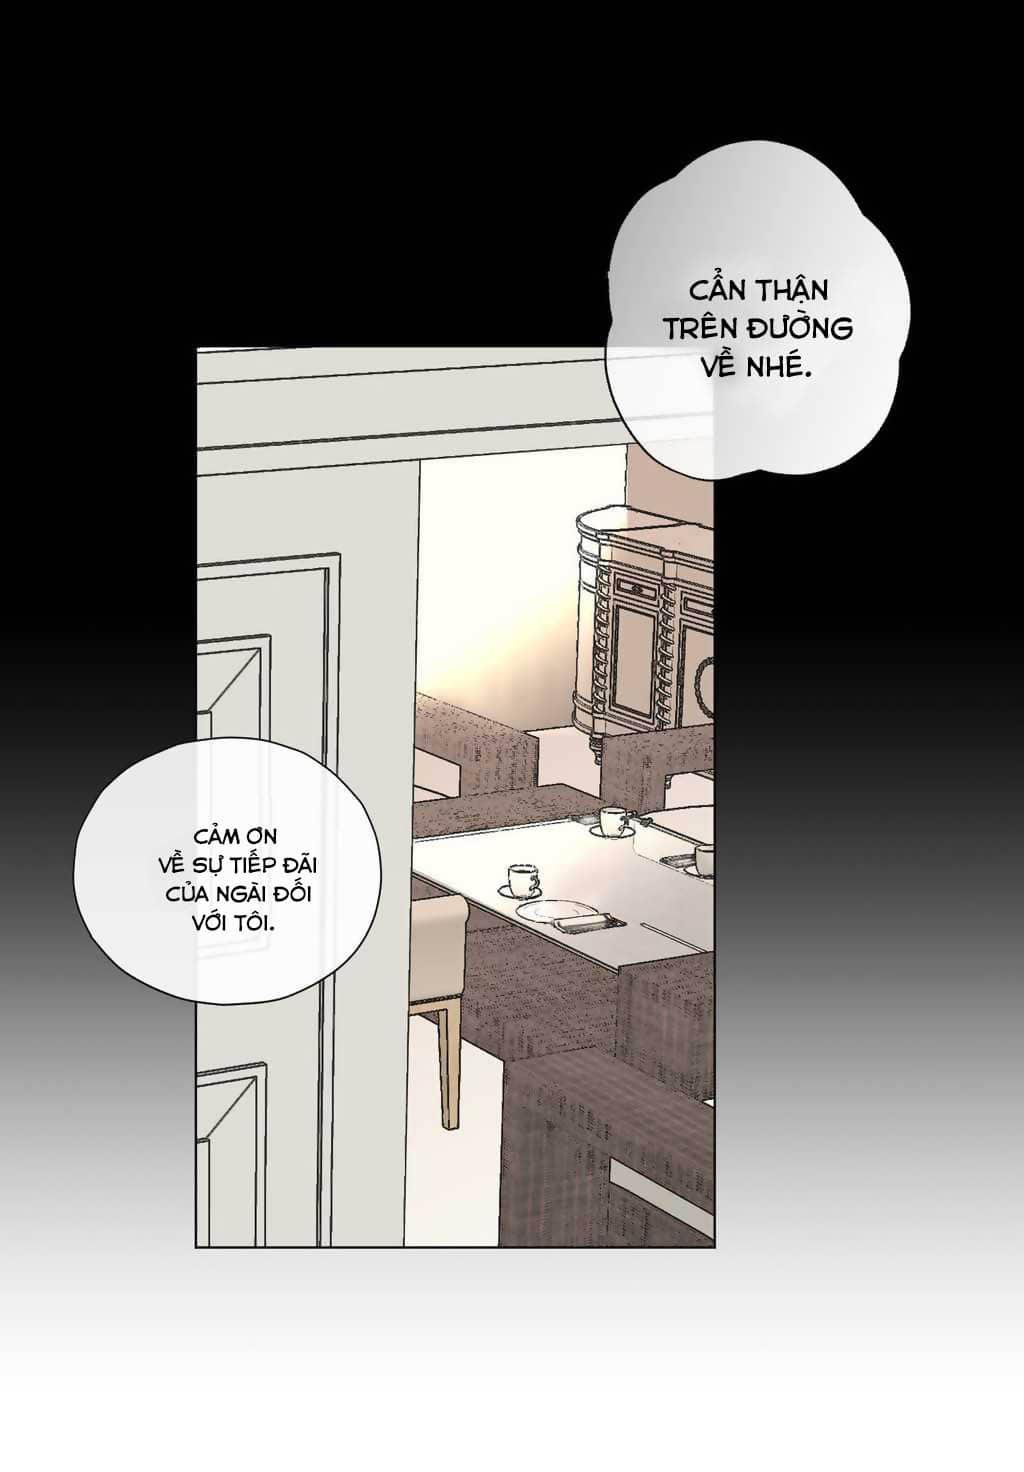 Trang 2 - Người hầu hoàng gia - Royal Servant - Chương 007 () - Truyện tranh Gay - Server HostedOnGoogleServerStaging